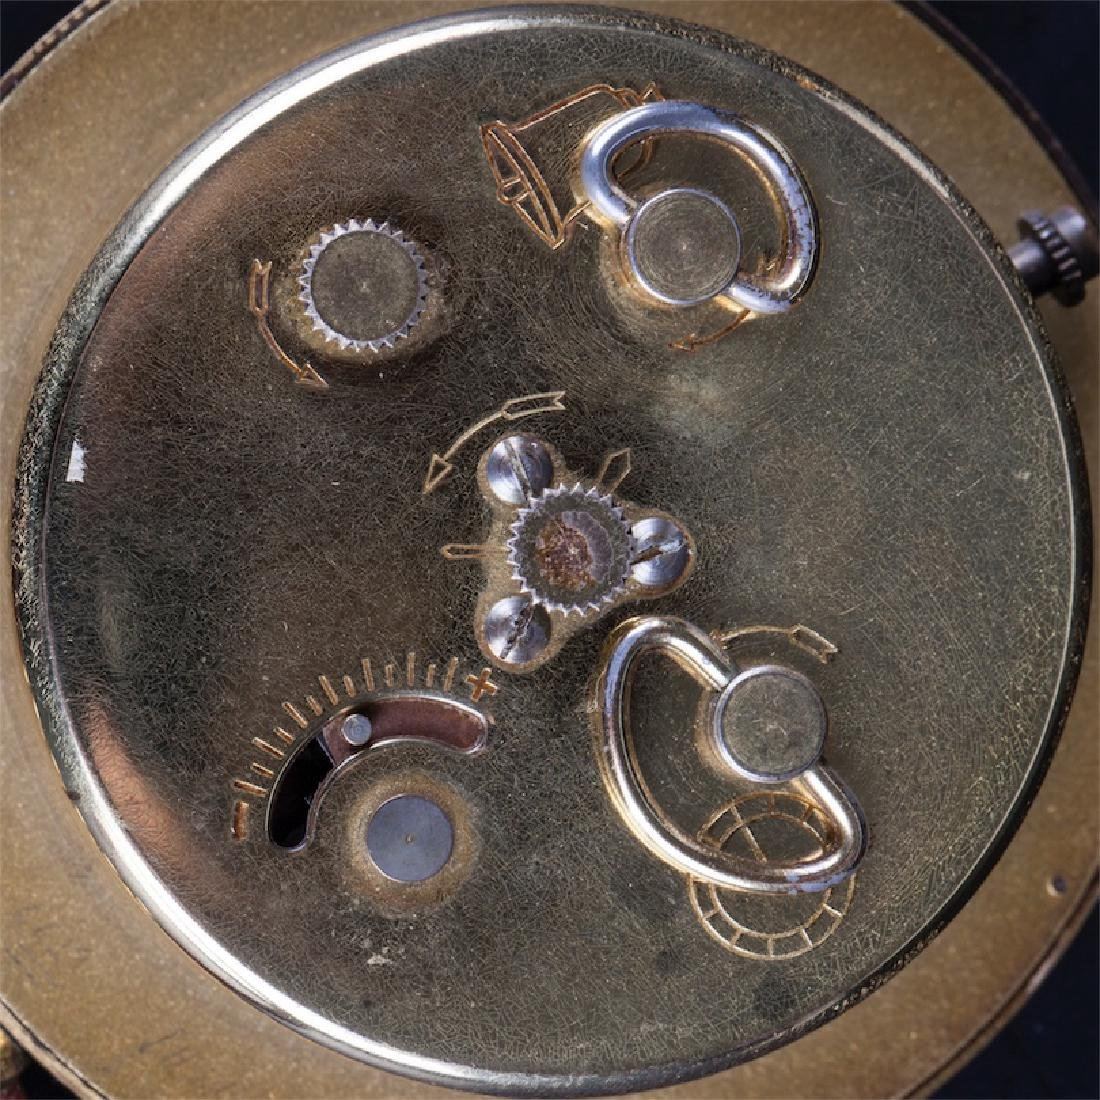 Vintage Hermes desk clock with alarm - 4